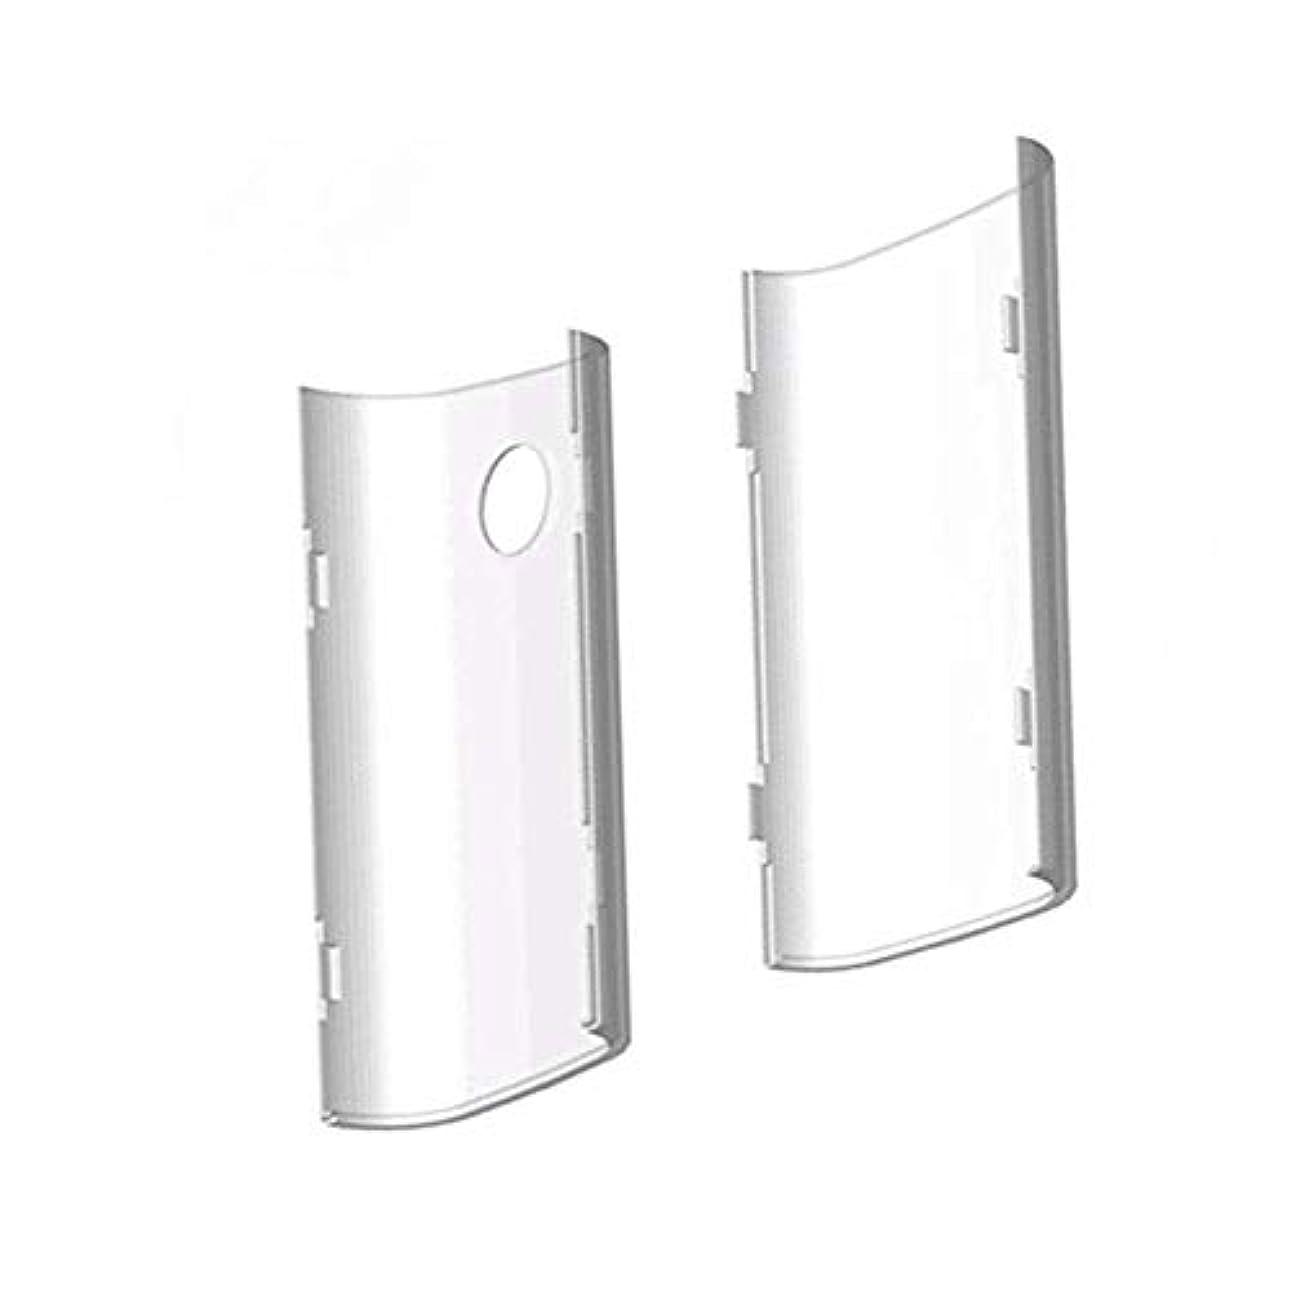 想像する先入観知覚的Roman Center glo グロー ケース GLOカバー クリアケース 電子タバコ 専用 透明クリアハードケース 薄型 (透明)